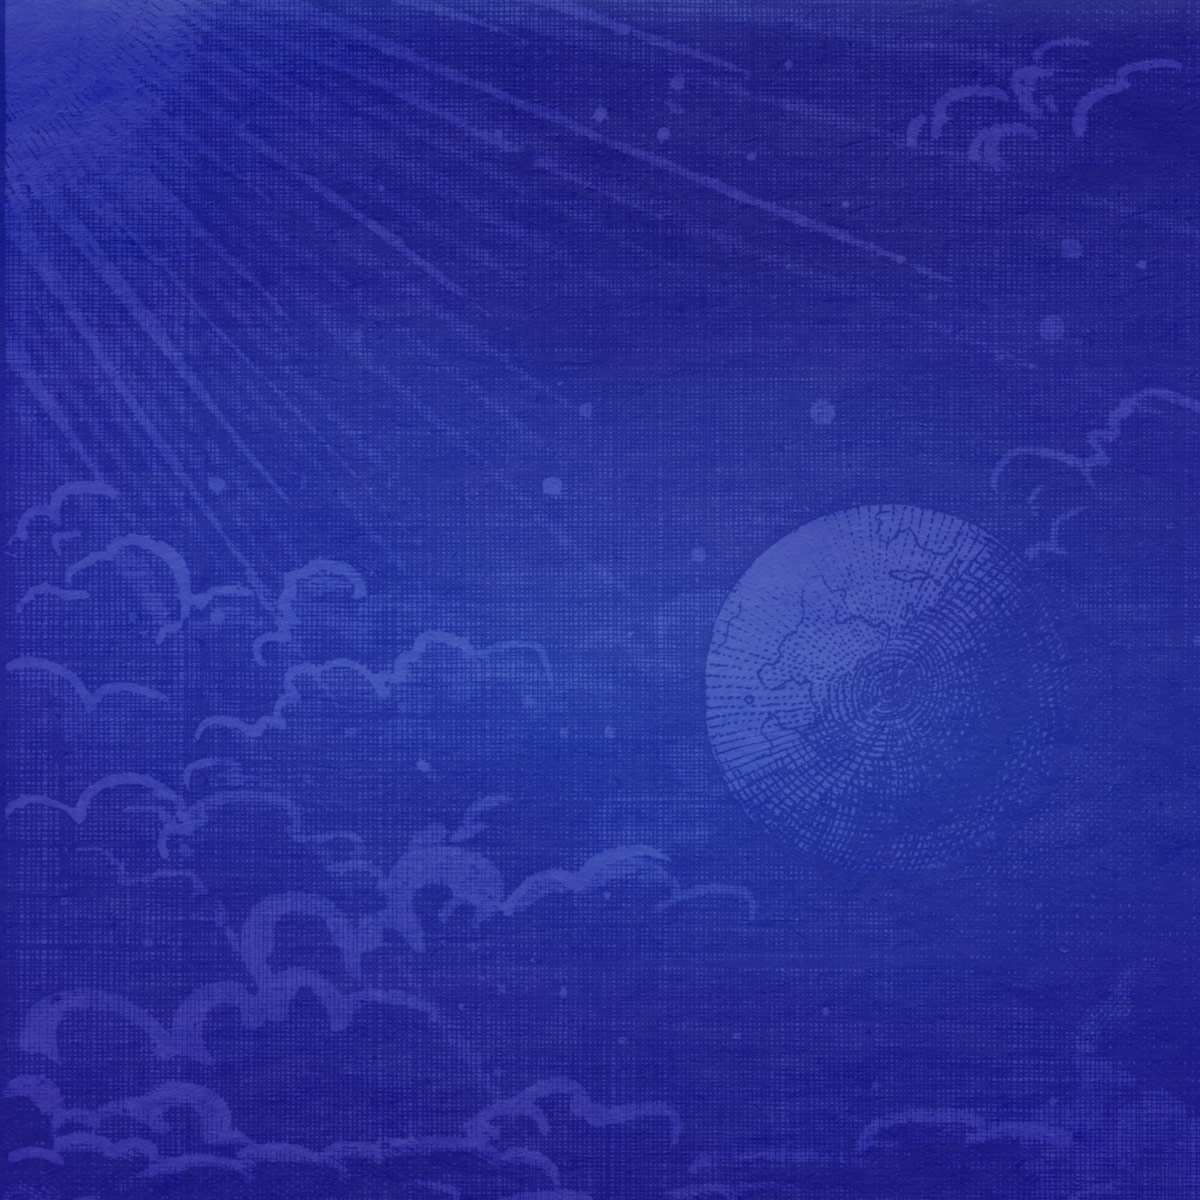 Astro_012-1200x1200.jpg